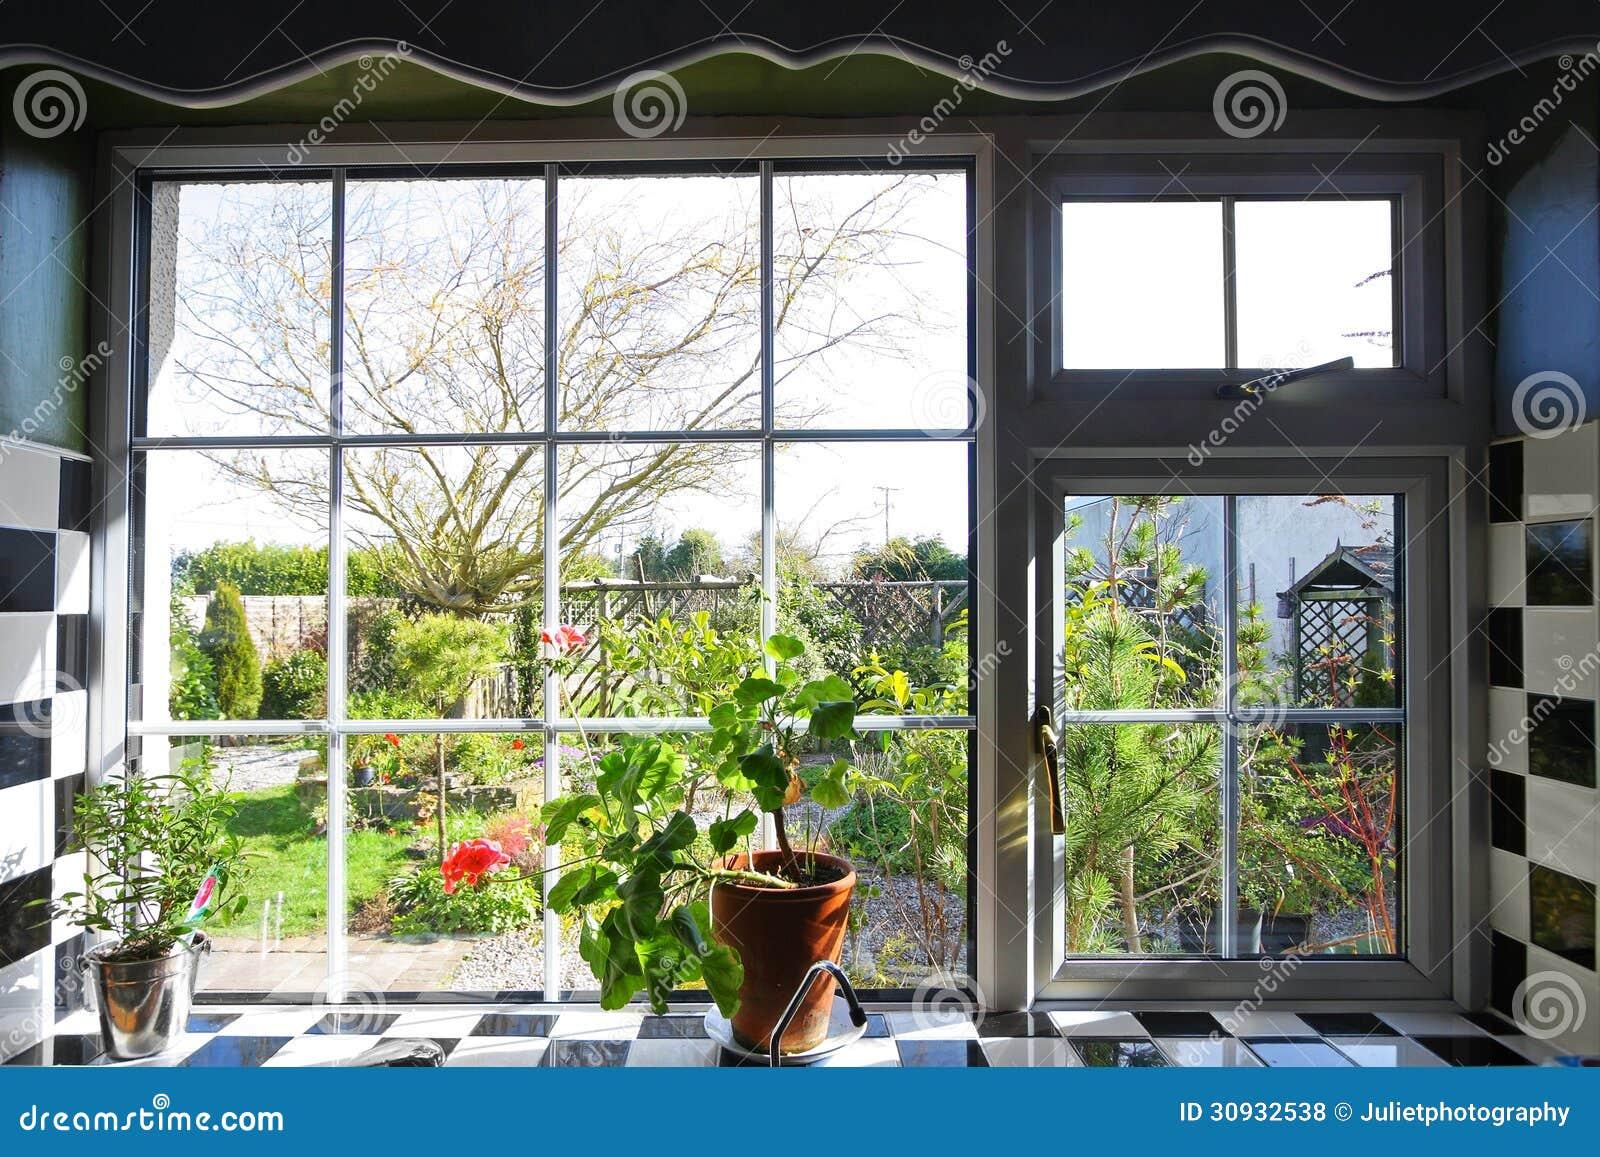 Lowes Kitchen Design Janela Da Cozinha Com A Vista No Jardim Foto De Stock